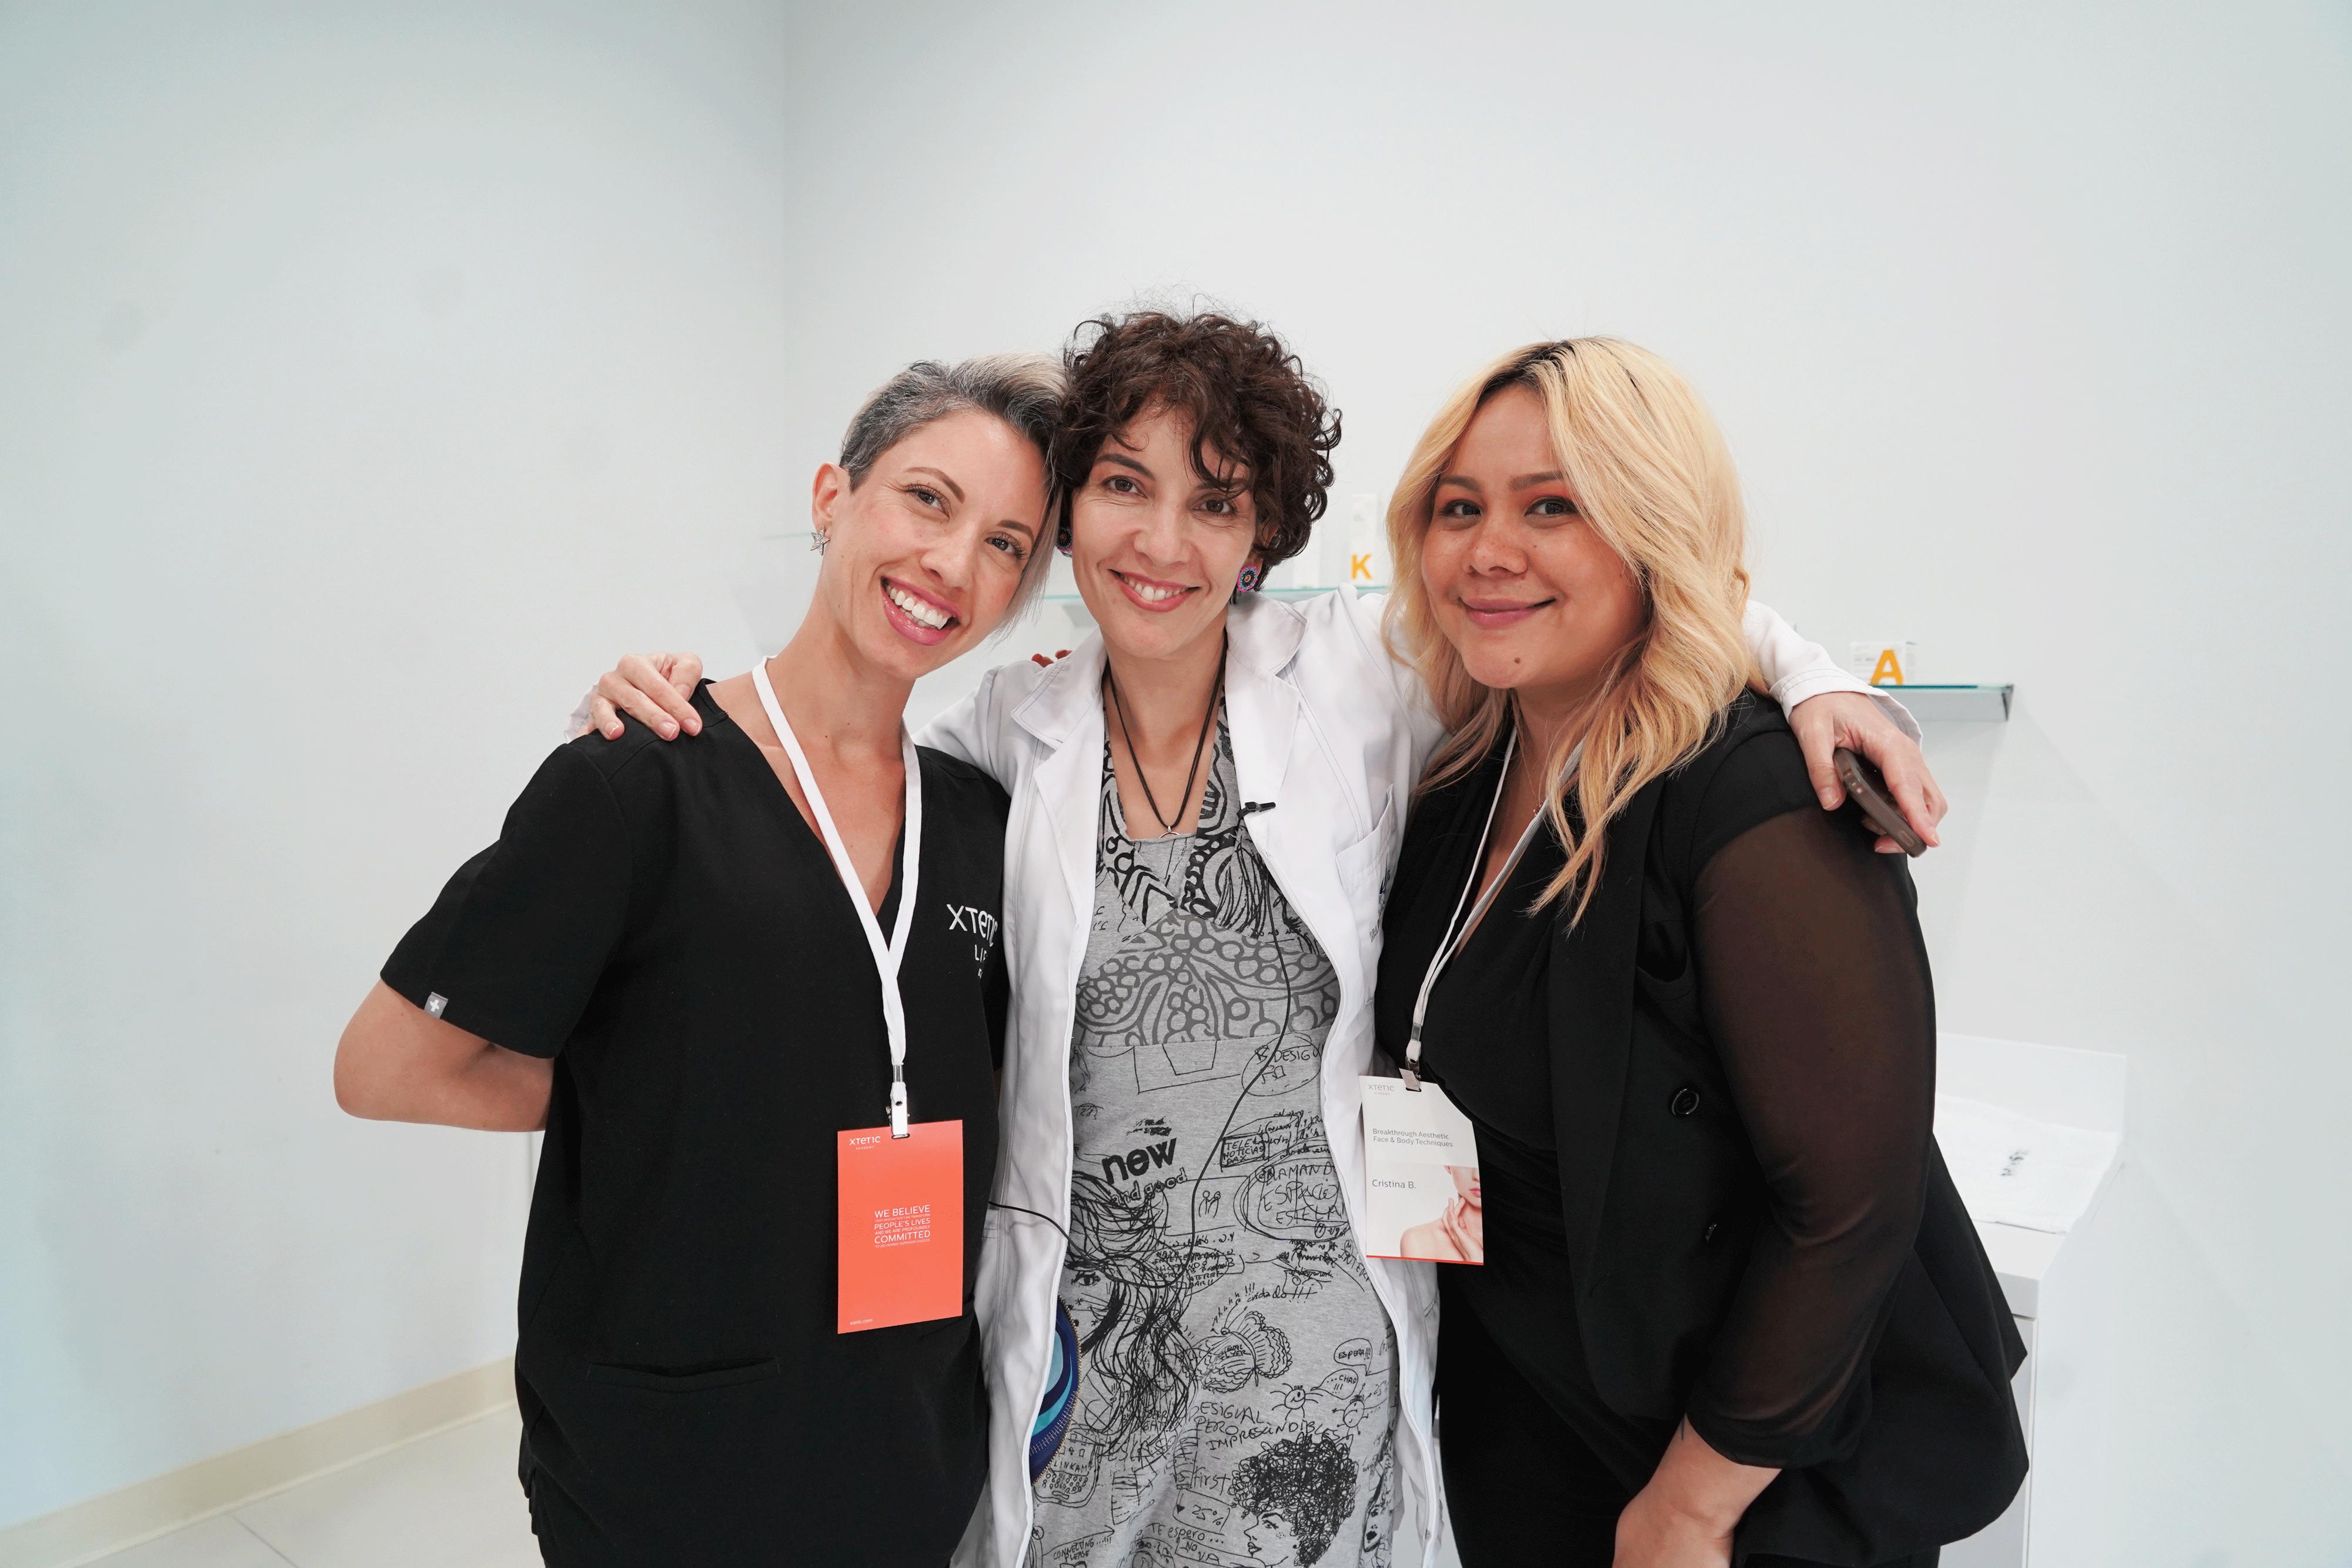 Nuestros expertos Xtetic Colombia combinamos pasión y talento